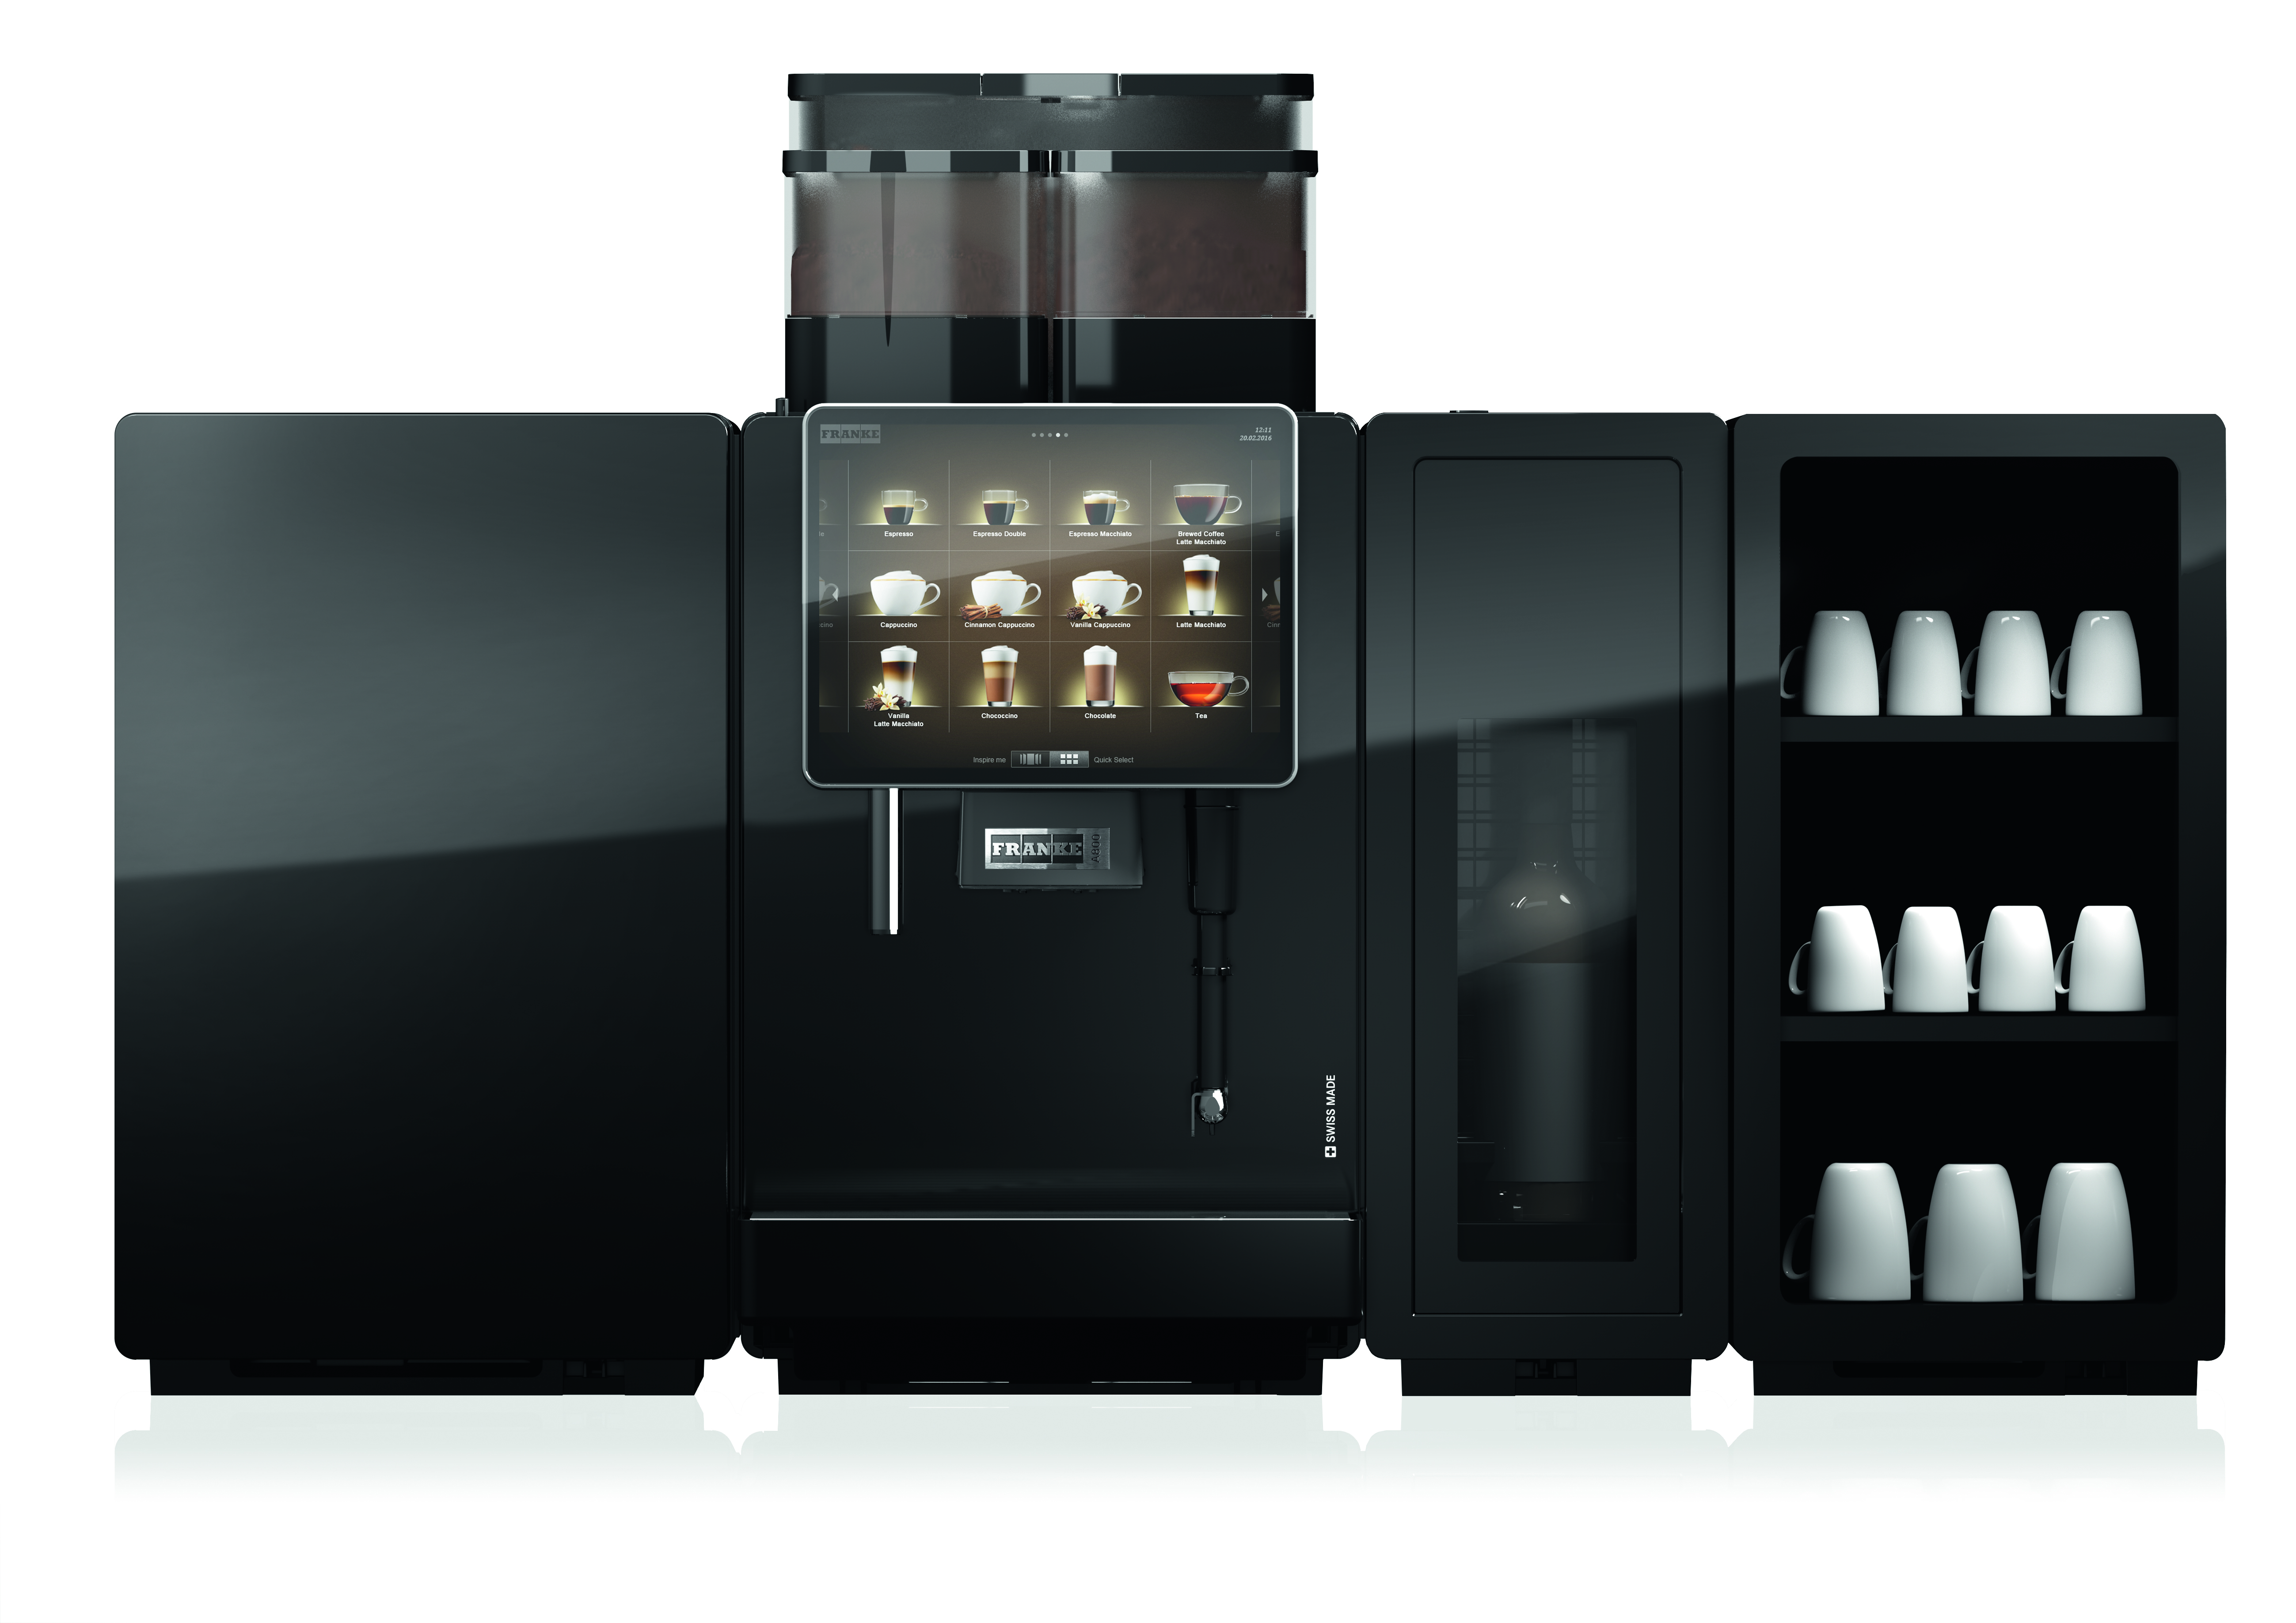 franke a800 volautomaat koffiemachine voor de perfecte kop koffie. Black Bedroom Furniture Sets. Home Design Ideas